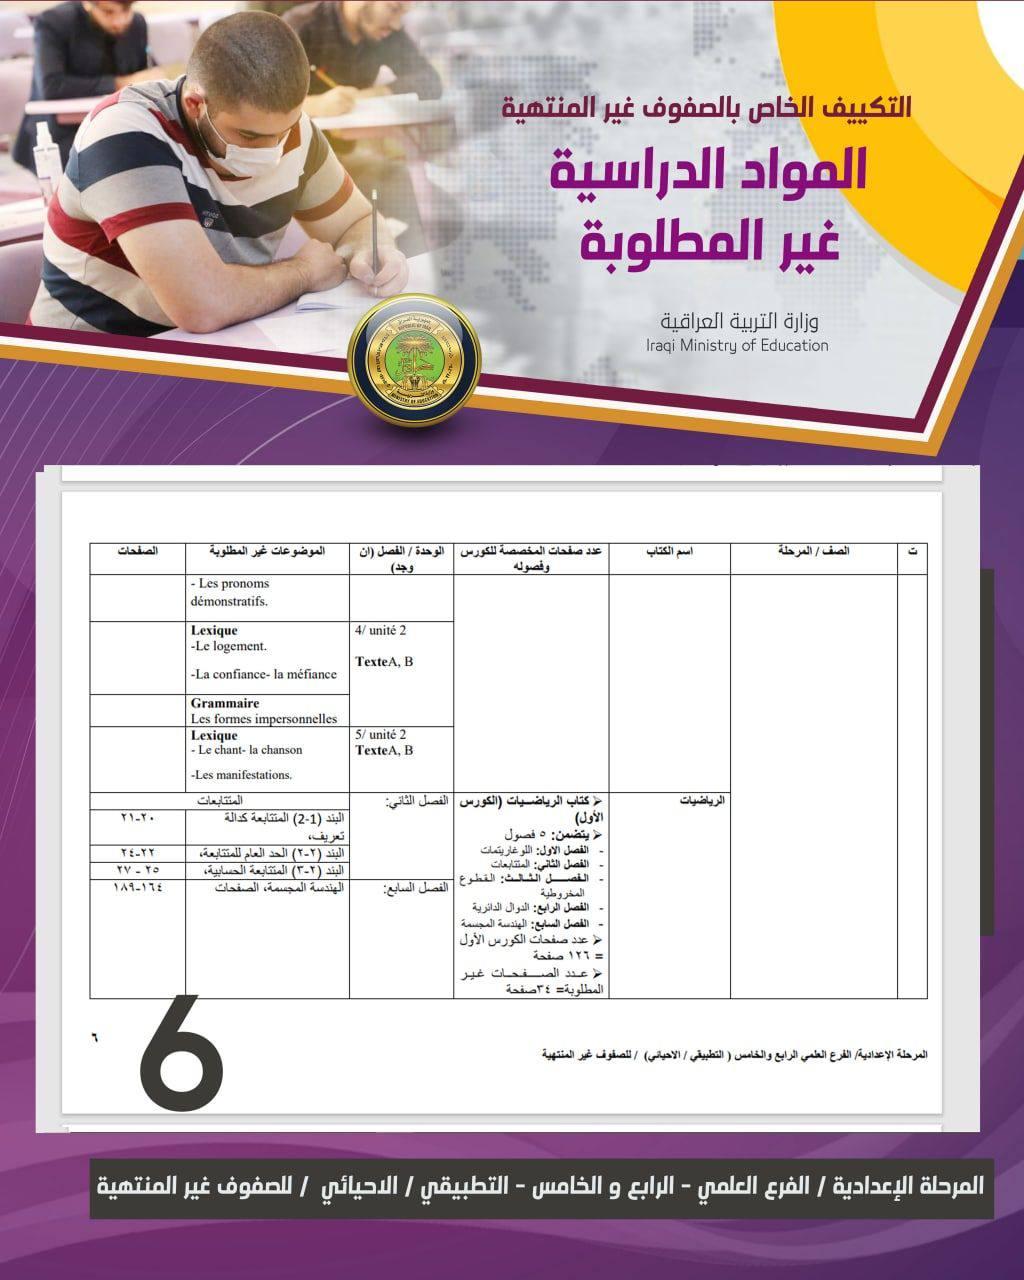 وزارة التربية تنشر تكييف منهاج المراحل غير المنتهية / الدراسة الاعدادية (الفرع العلمي)